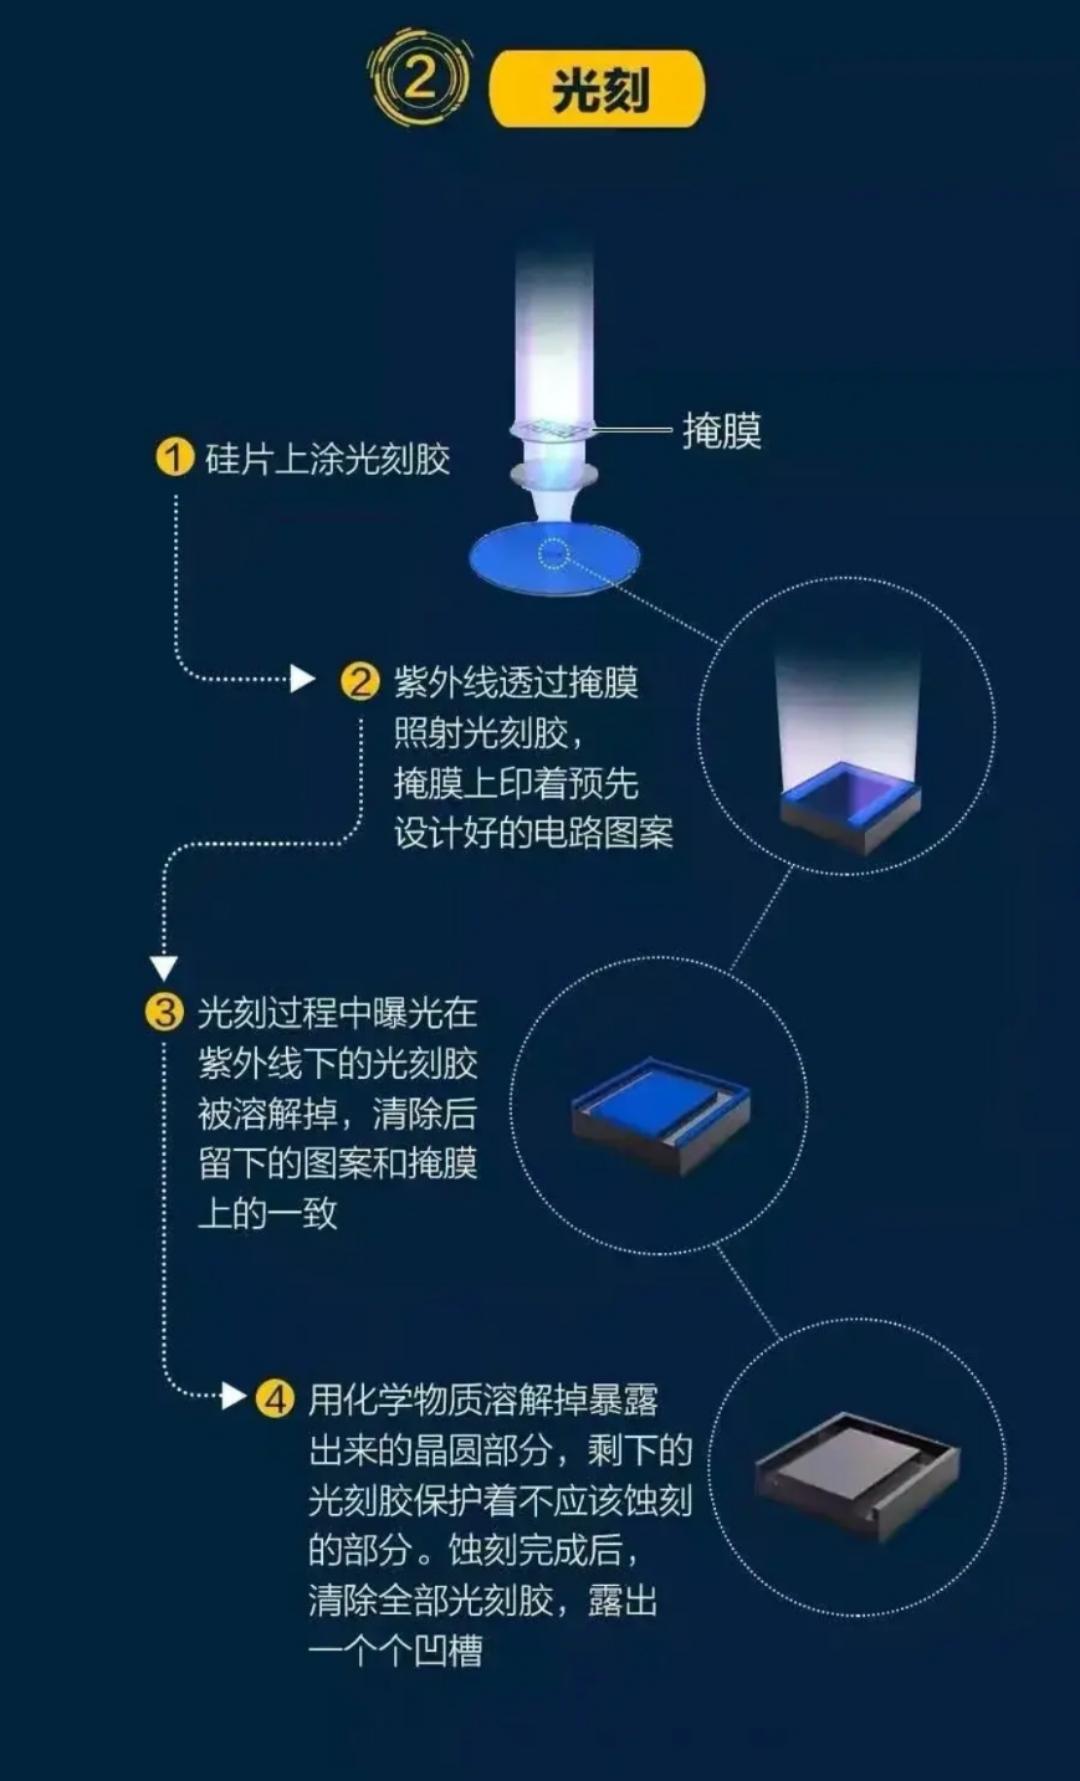 華天科技:已具備基於5nm芯片的封測能力!-圖2